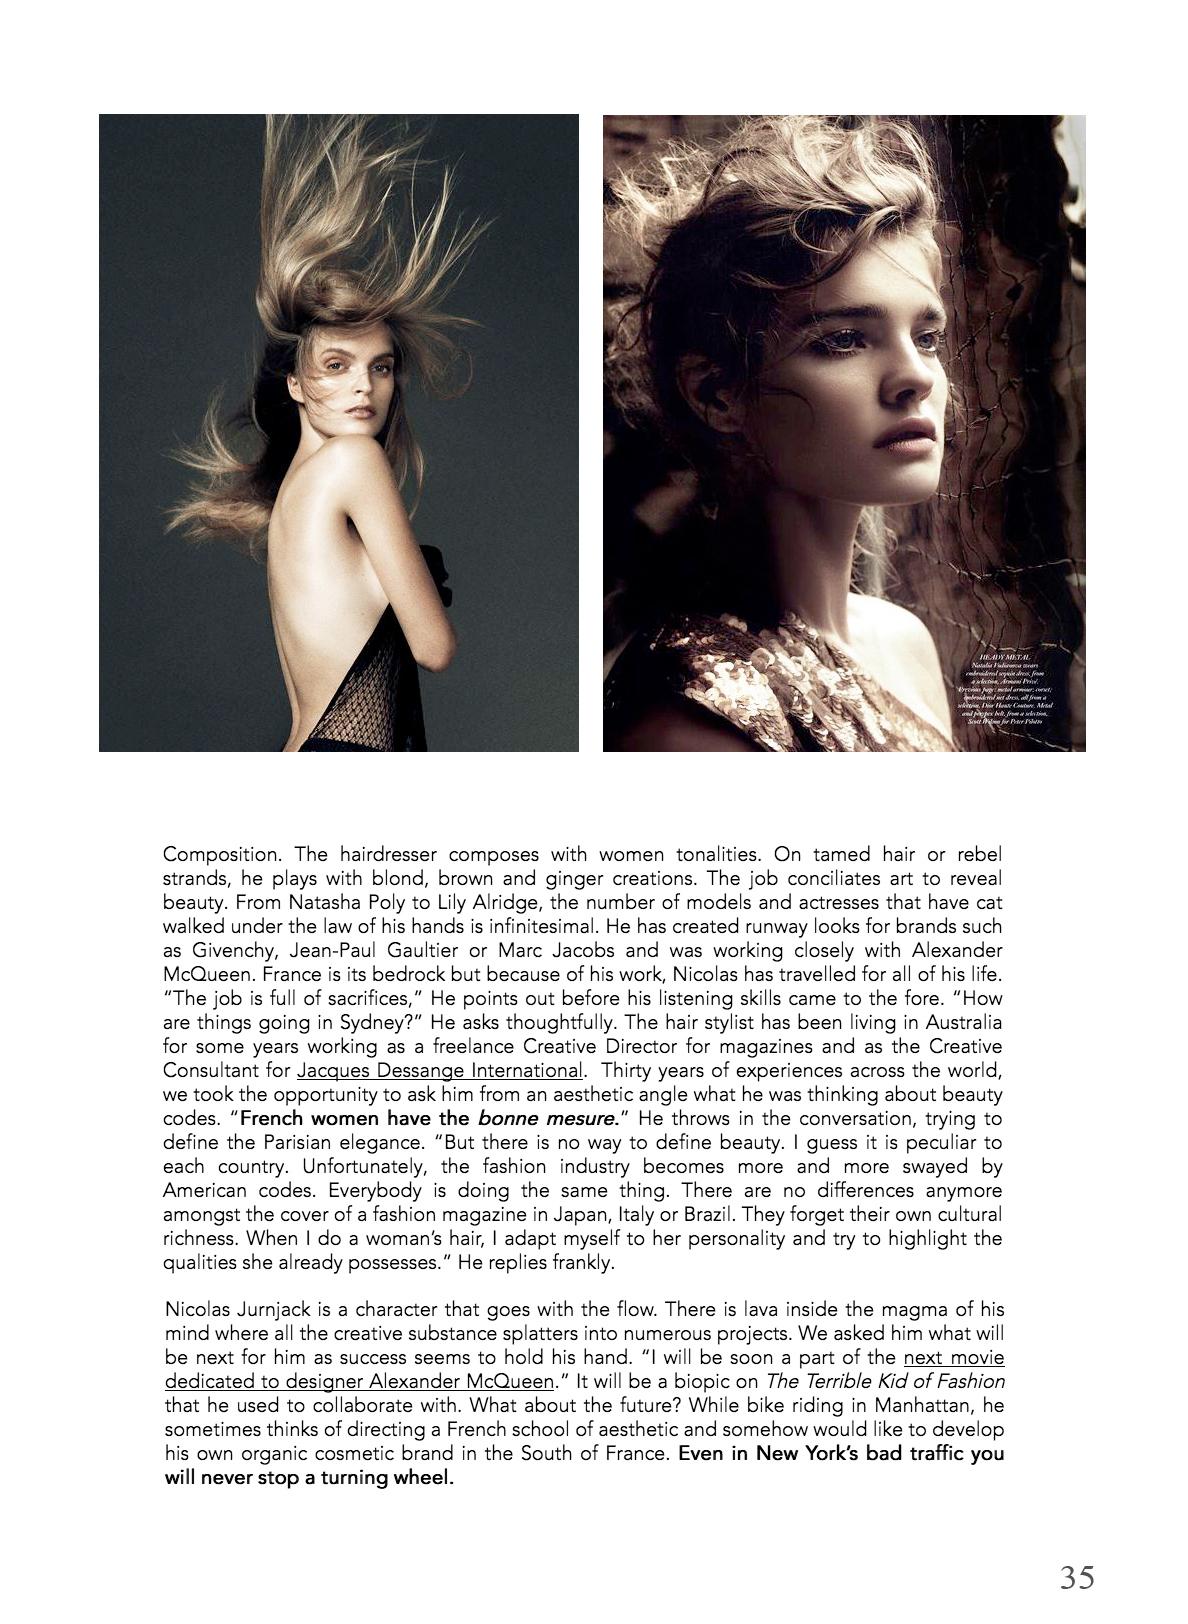 nicolas-jurnjack-hairstylist-Snobby-Cellar-Interview-julie-madruzzato-4.jpg